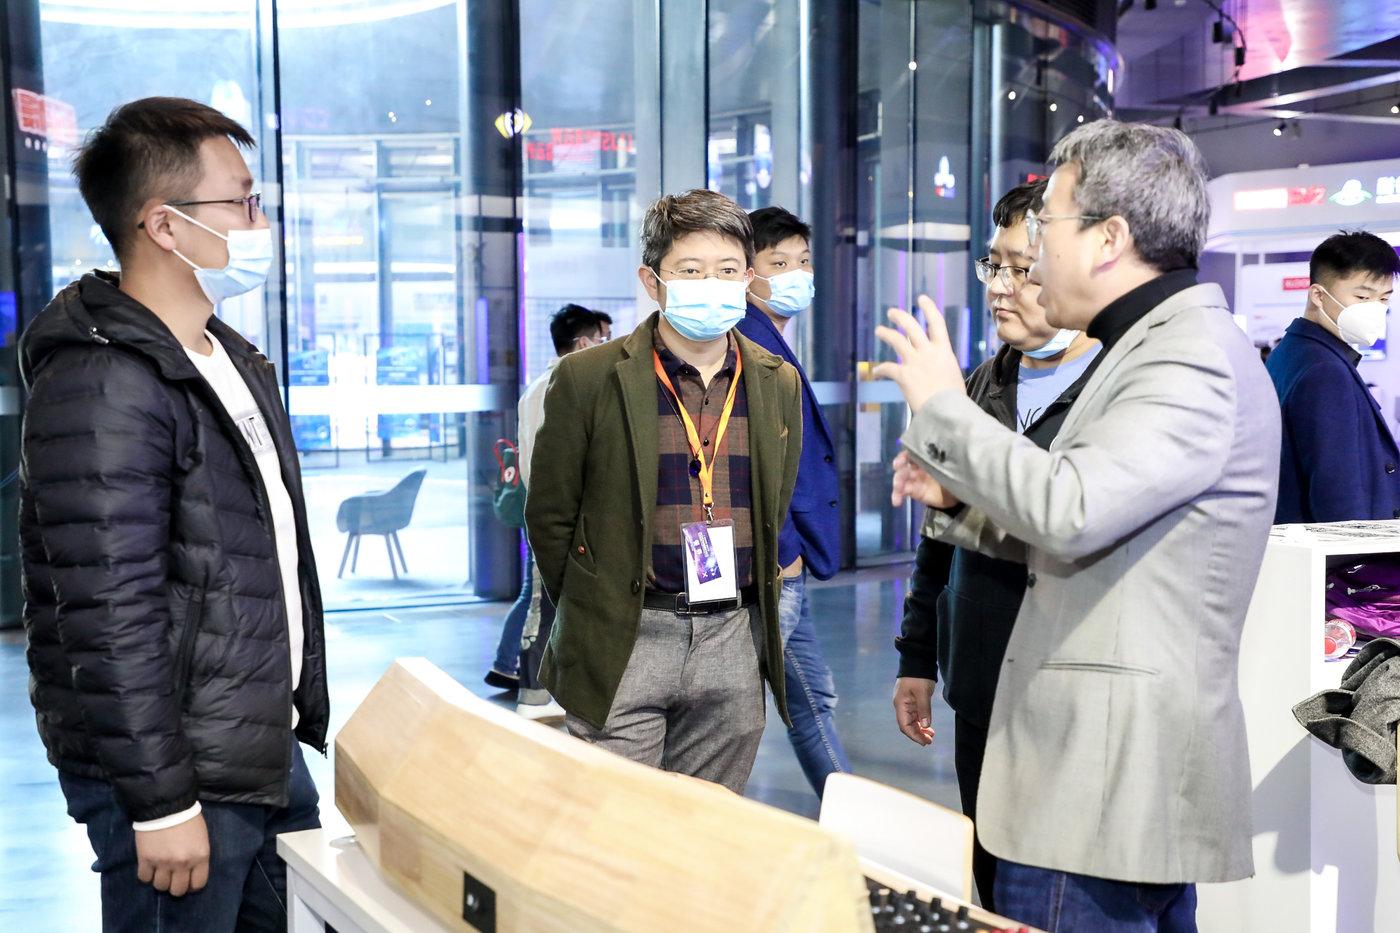 天图万境CEO高天羿在向来宾介绍技术